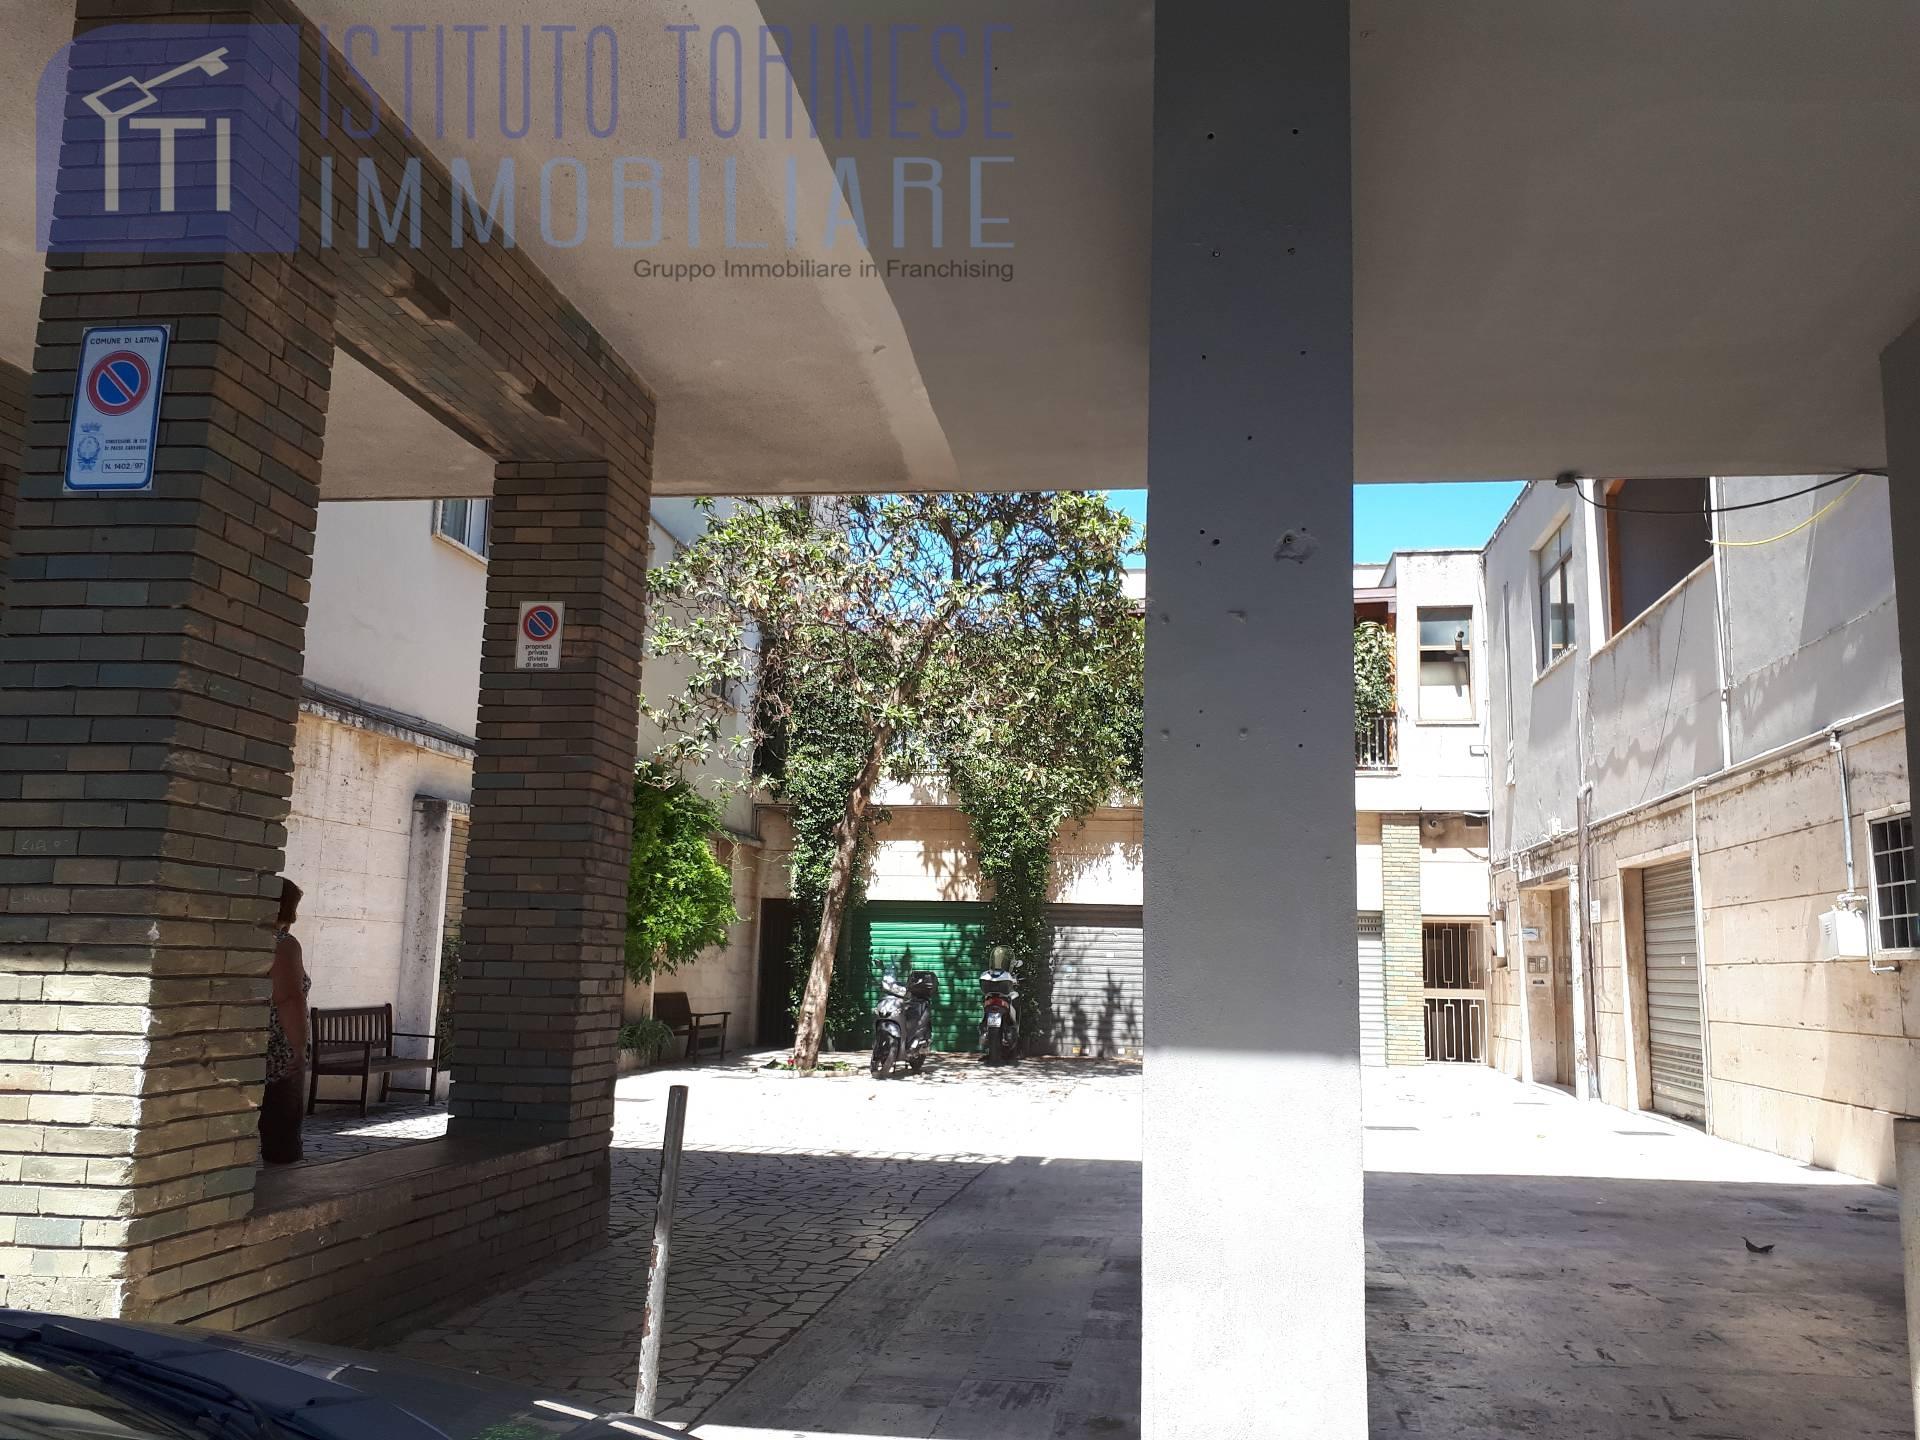 latina vendita quart: centro storico istituto-torinese-immobiliare